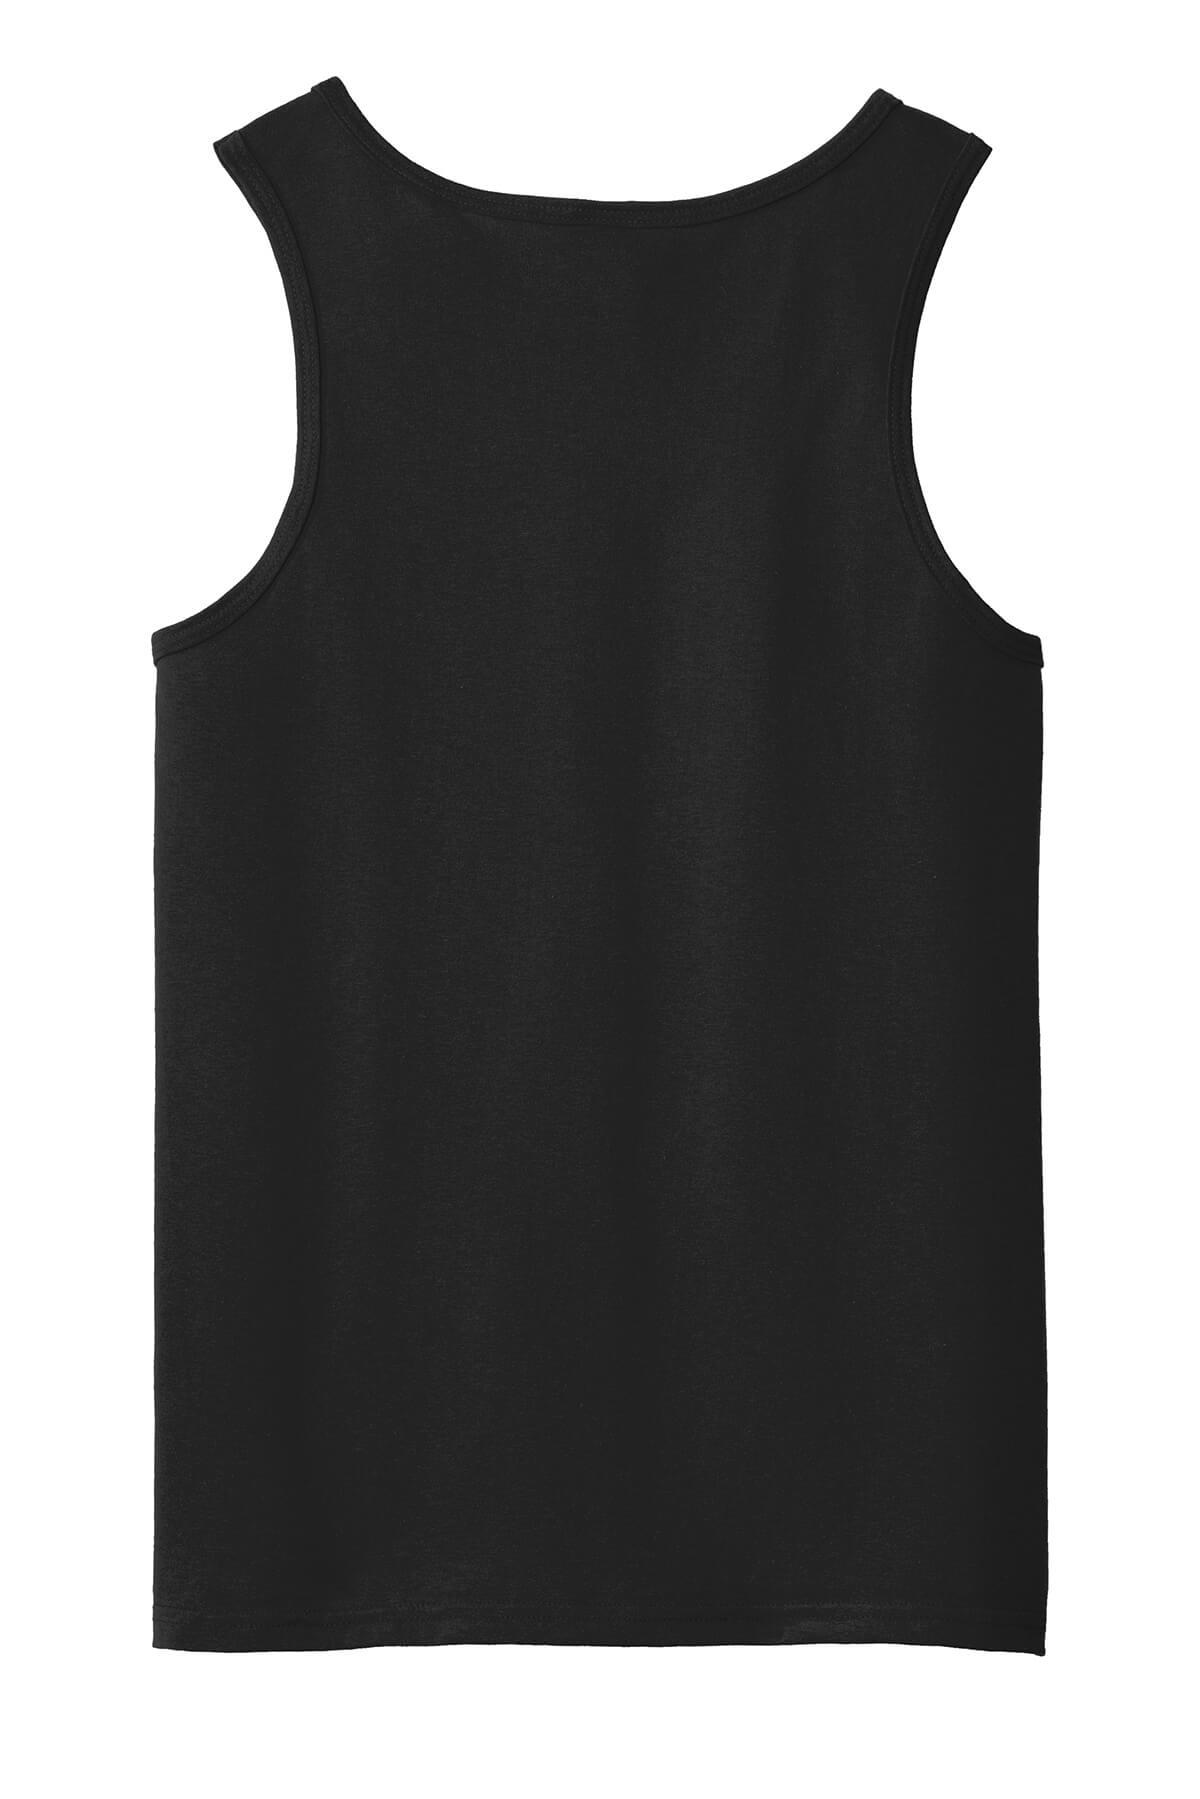 g5200-black-6